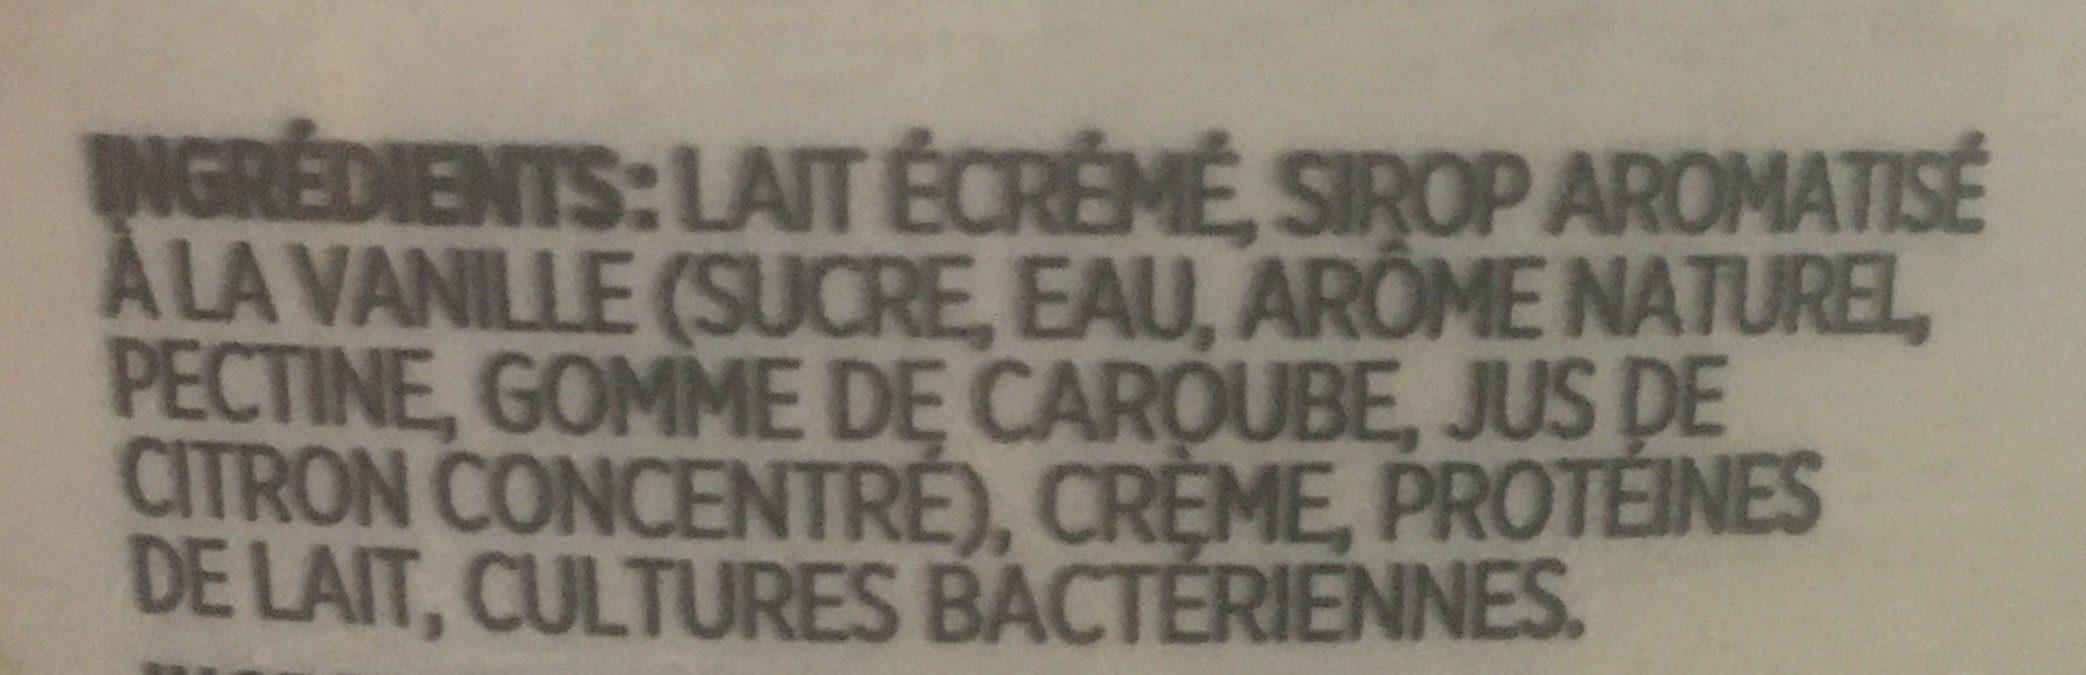 grec yogourt vanille - Ingrédients - fr